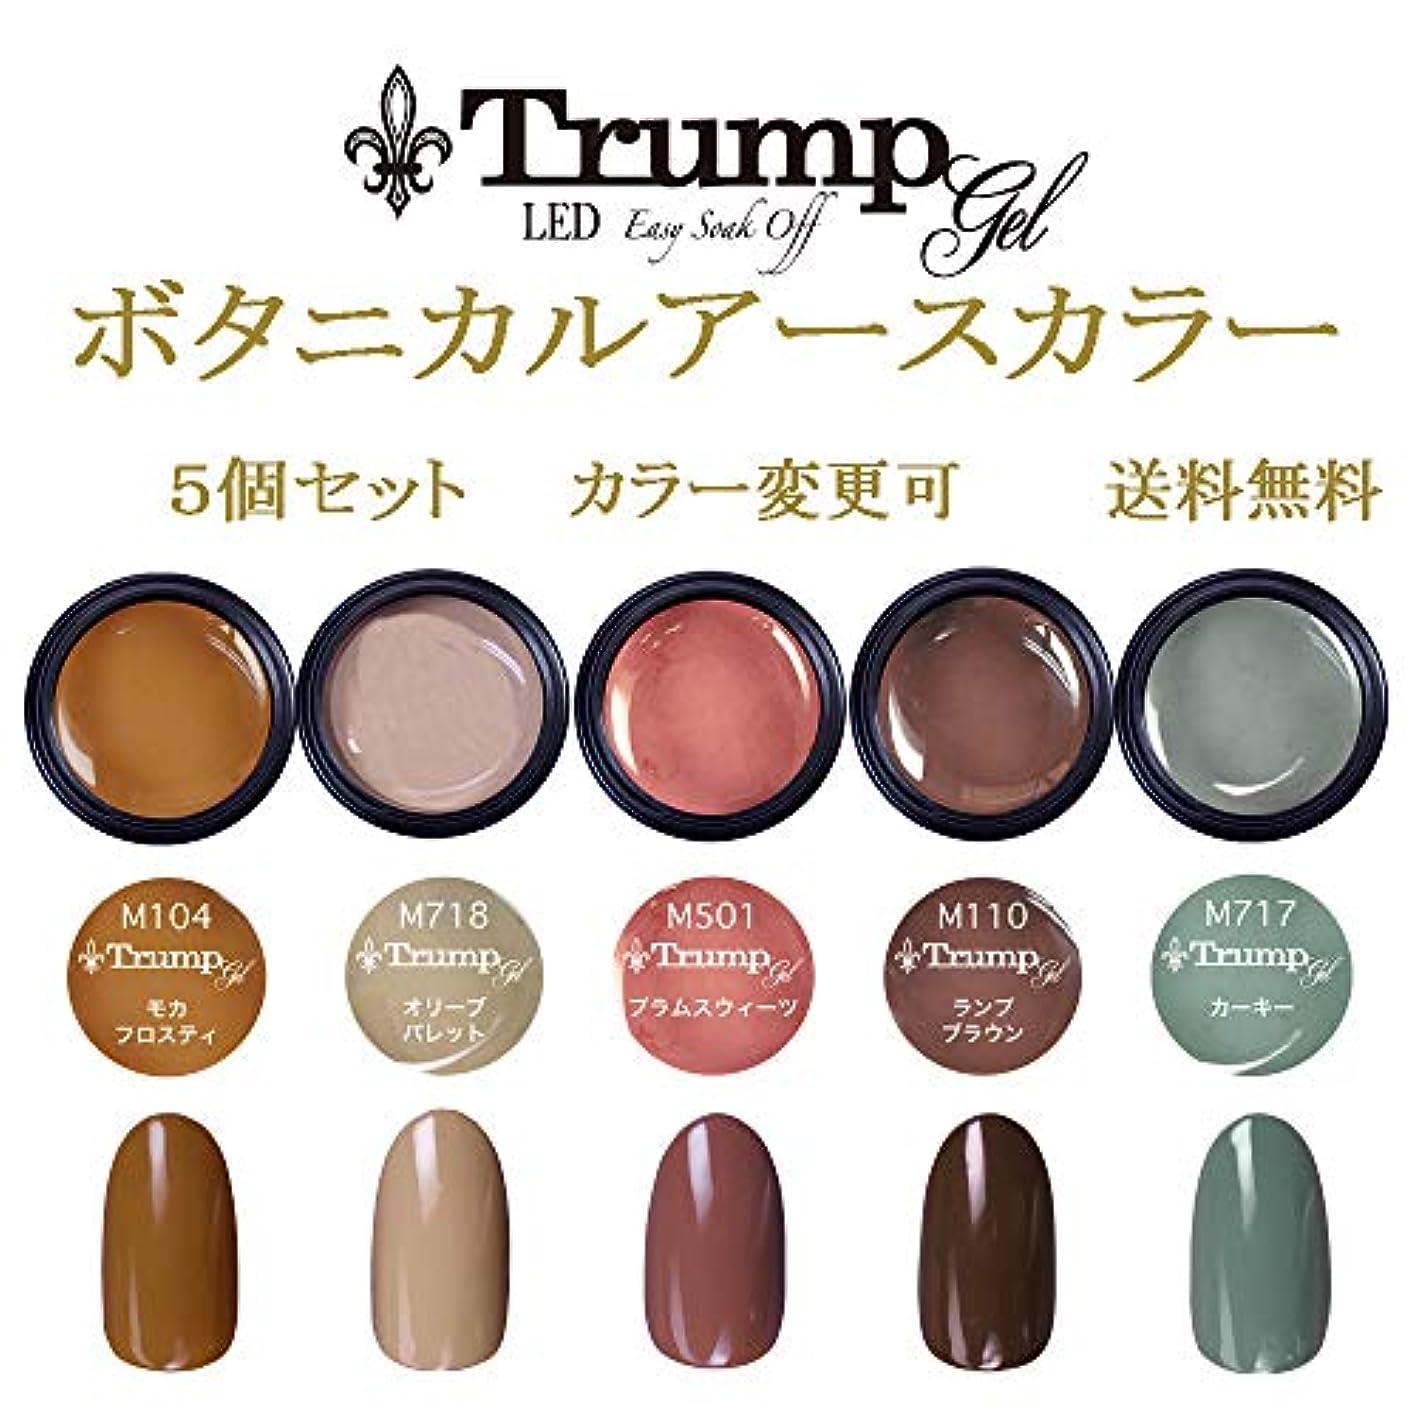 モデレータ気取らない長くする【送料無料】日本製 Trump gel ボタニカルアースカラージェル5個セット 人気のボタニカルカラーをセット